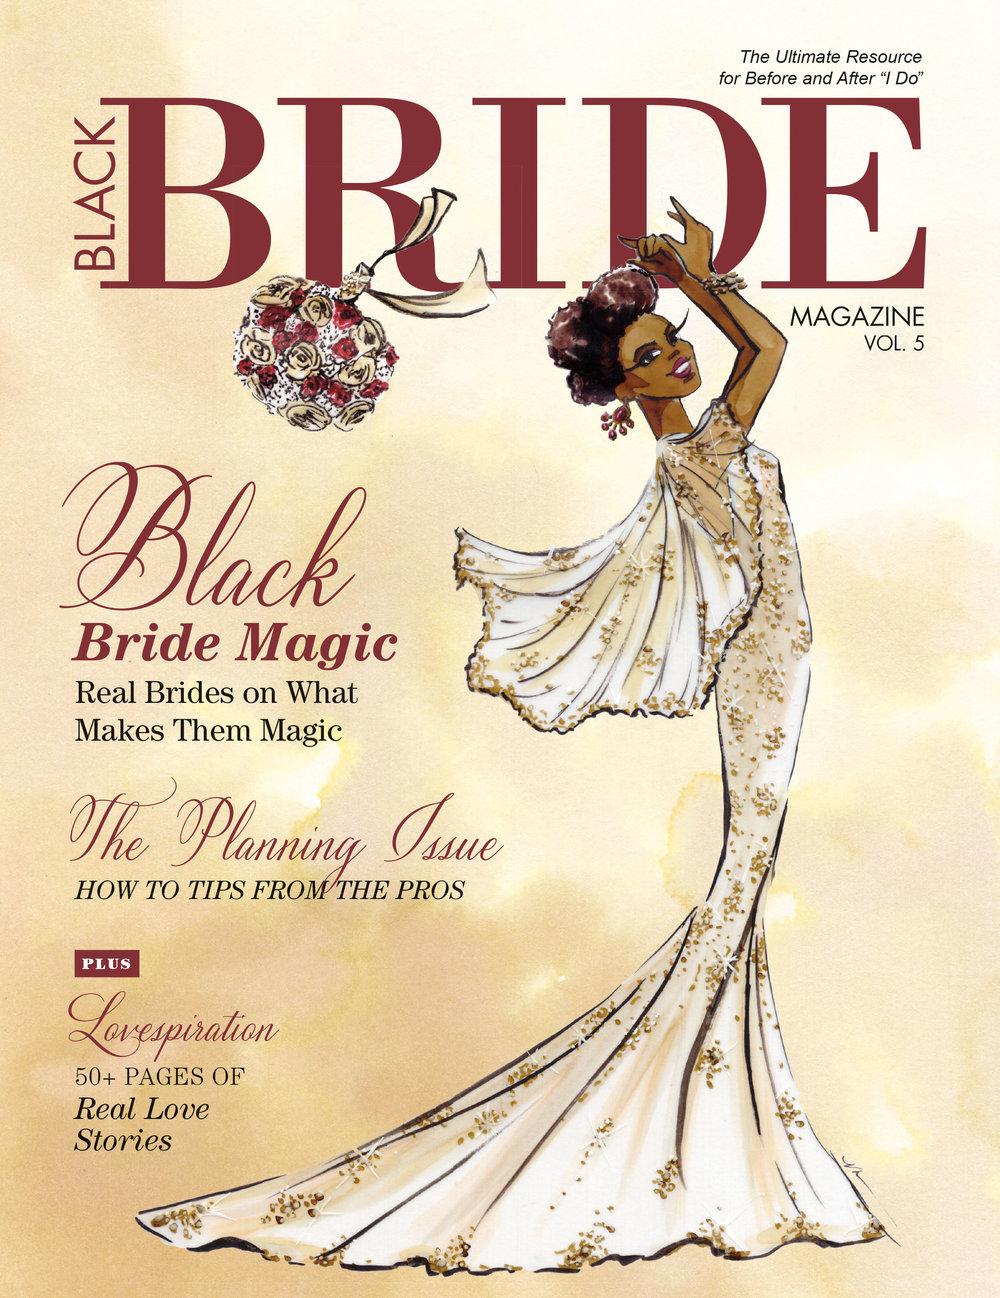 Black Bride Magazine Cover